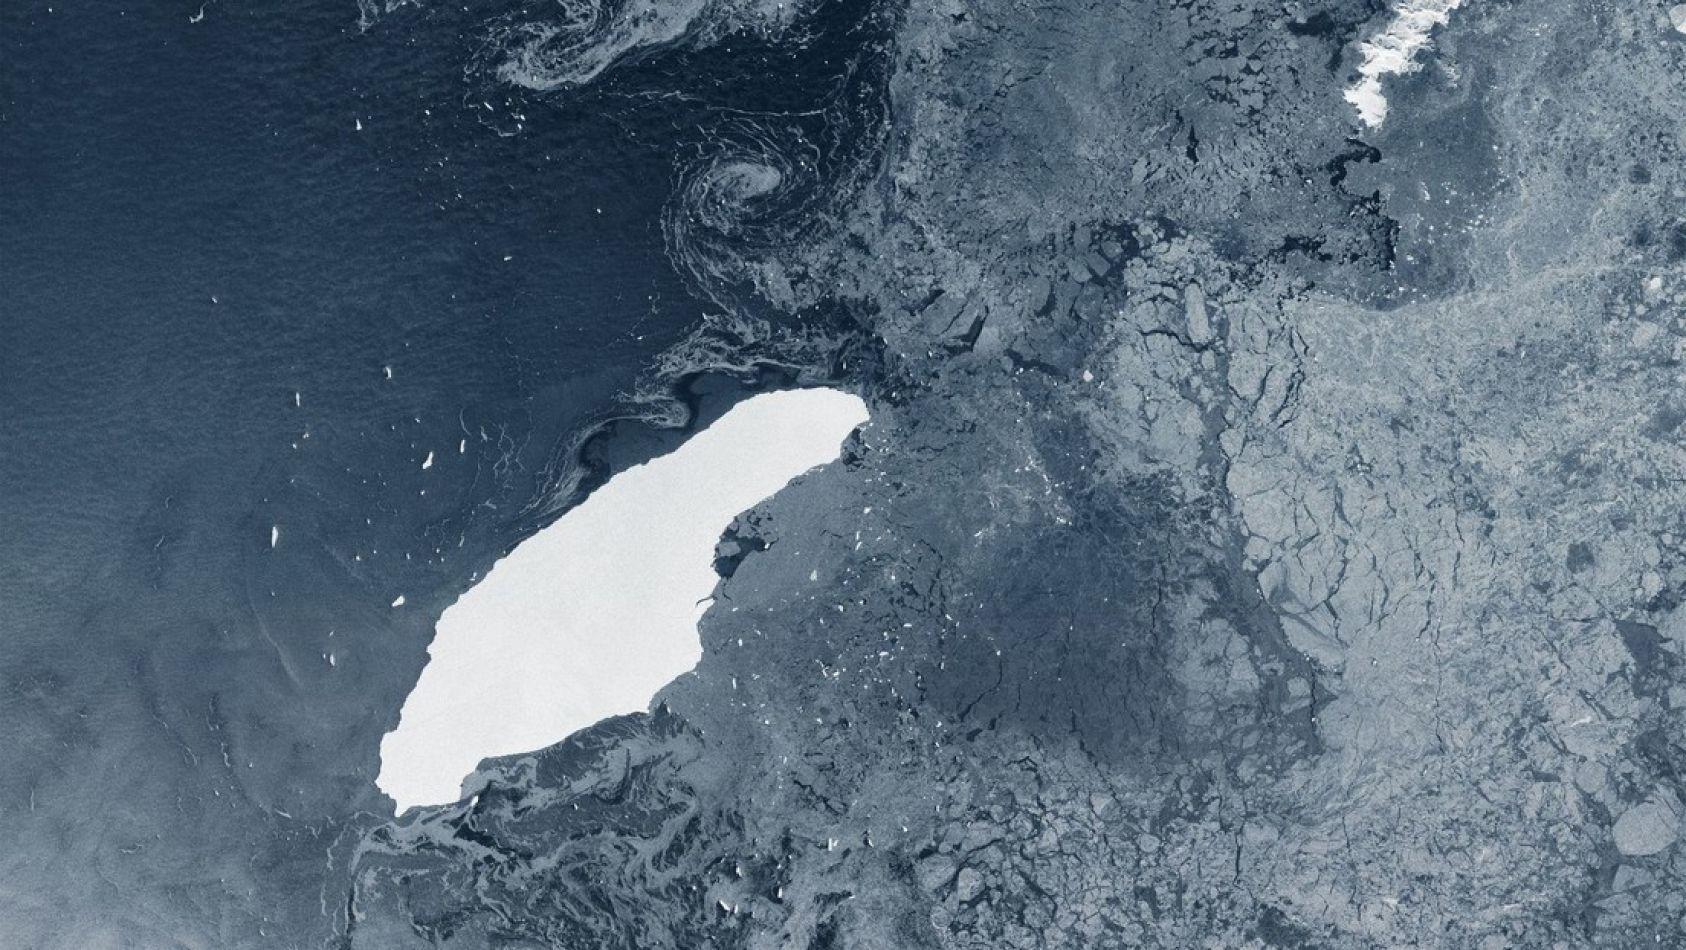 Agencia Espacial Europea publicó una imagen del iceberg A-68 en el sur del océano Atlántico.